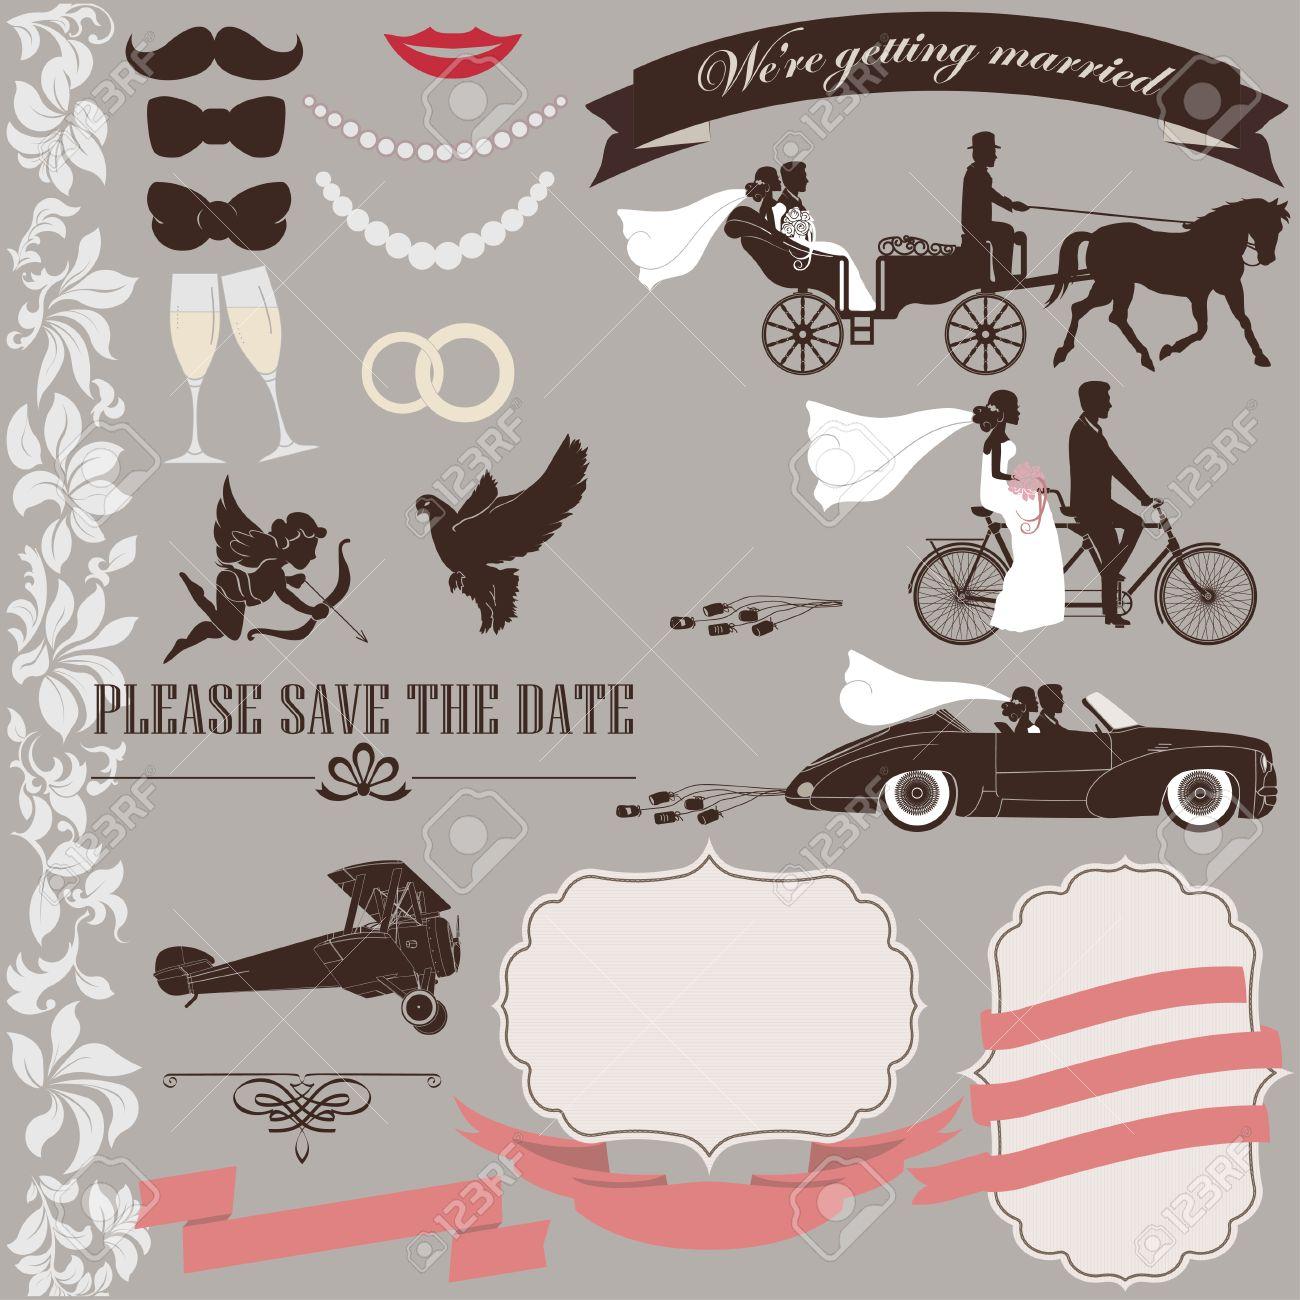 Hochzeitseinladung Elemente Gesetzt Vintage Design. Tandem Fahrrad, Braut,  Bräutigam, Retro Auto